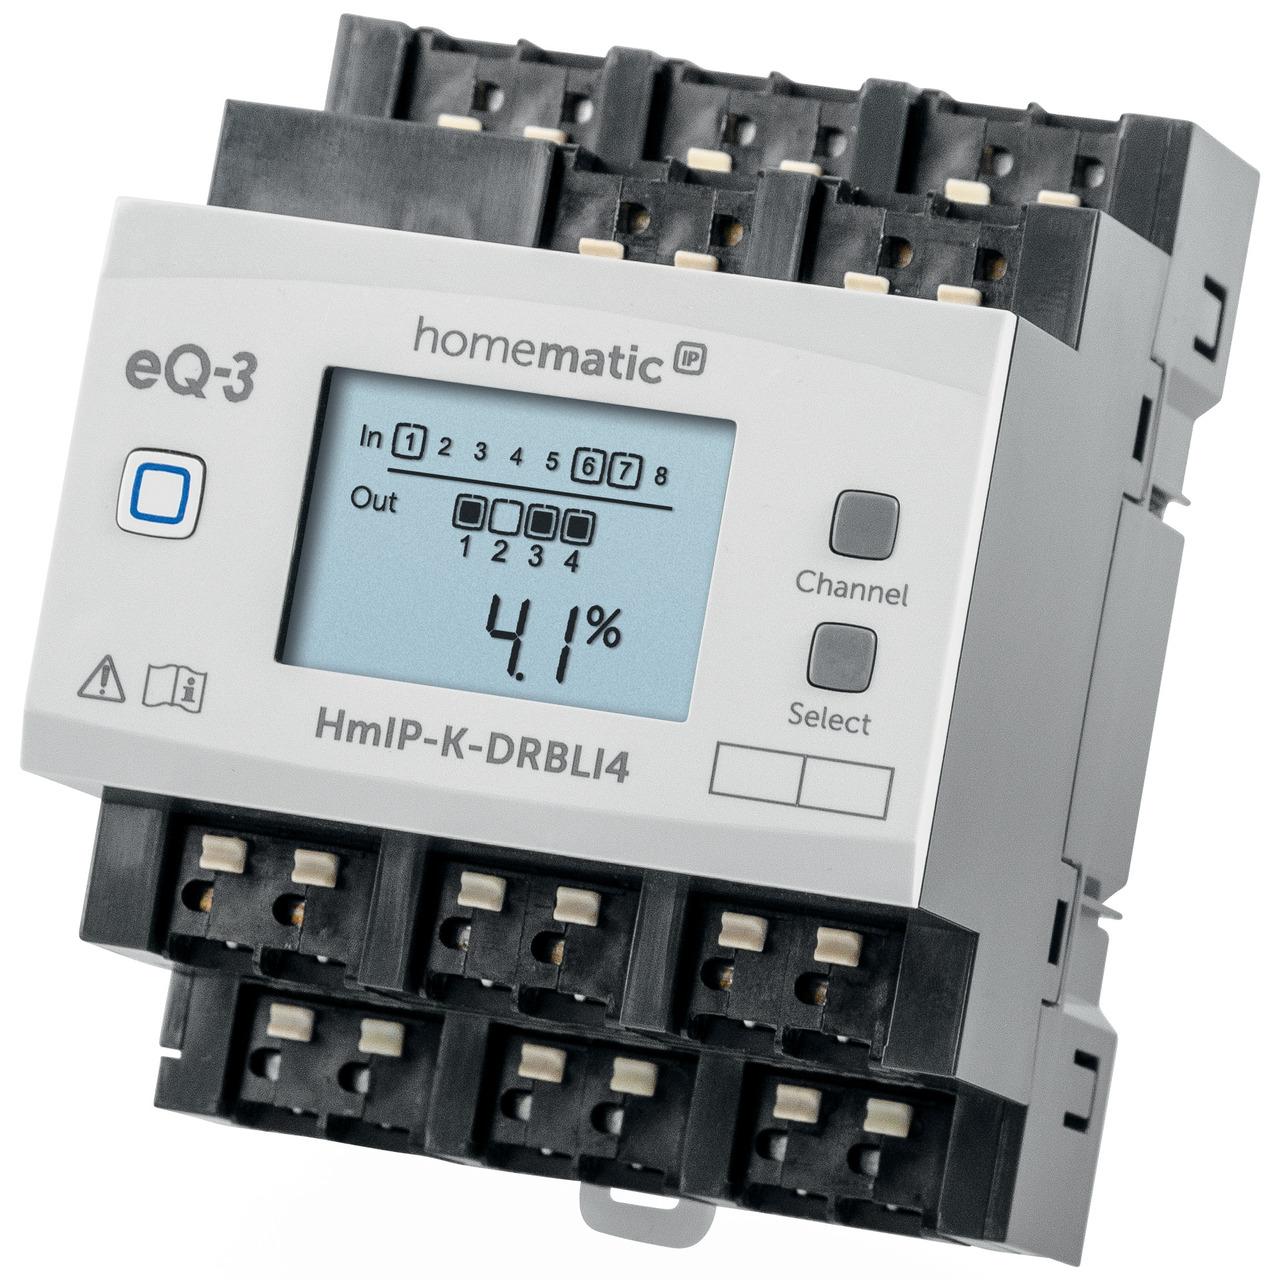 ELV Homematic IP Komplettbausatz 4fach Jalousie-Rollladenaktor fund-252 r Hutschienenmontage HmIP-K-DRBLI4